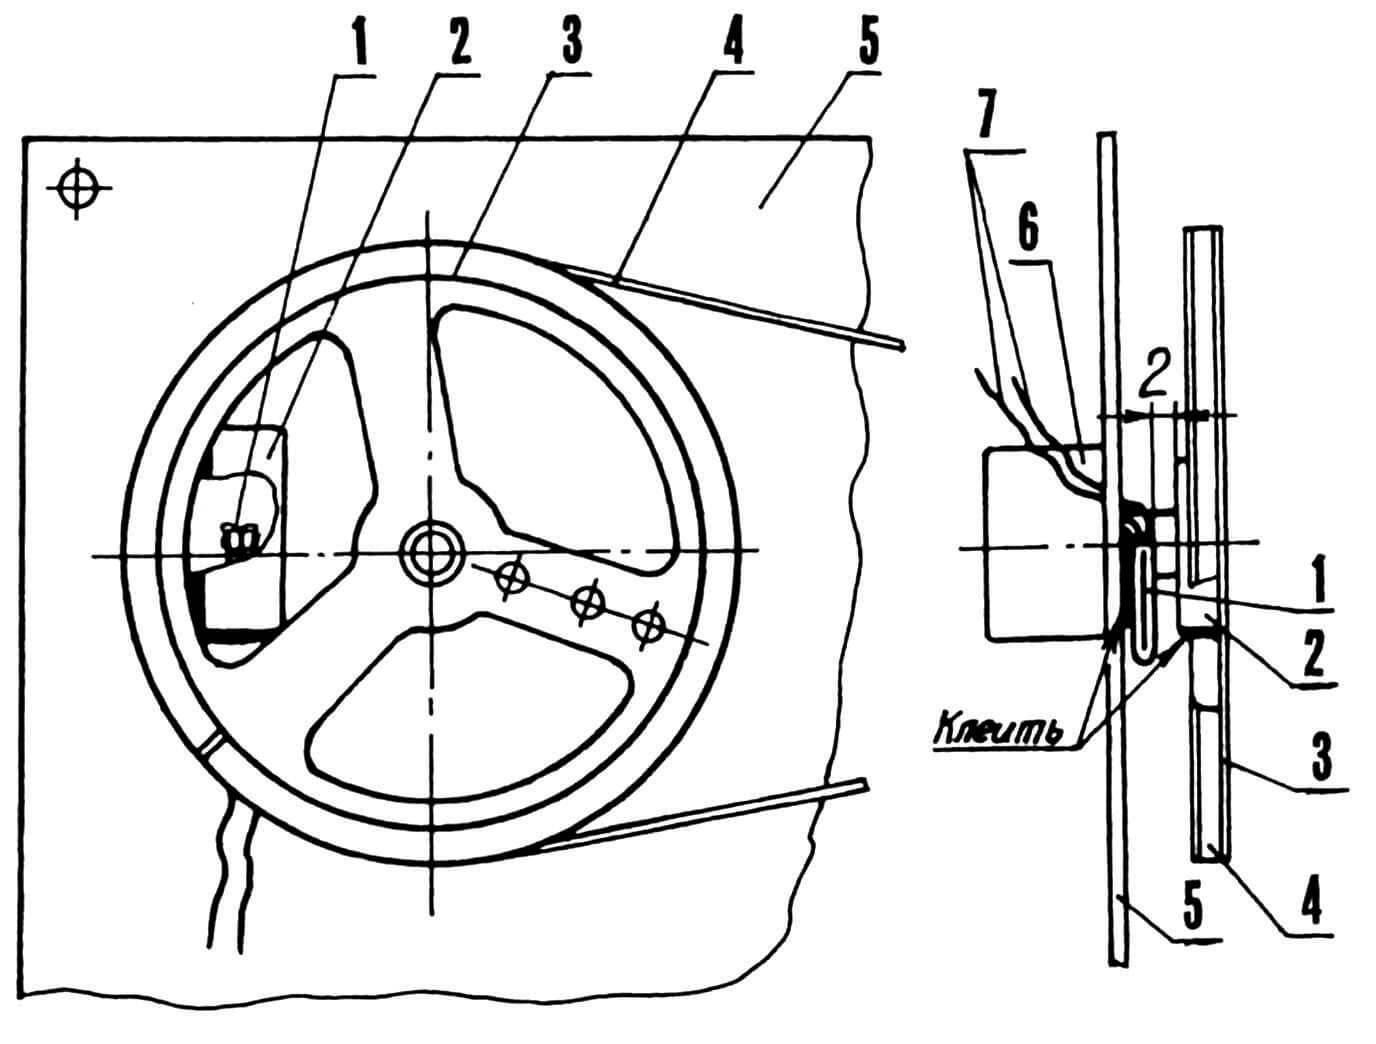 Датчик с герконовой коммутацией: 1 — геркон; 2 — магнит; 3 — шкив верньера; 4 — тросик; 5 — шасси ; 6 — конденсатор типа КПЕ; 7 — выводы геркона.